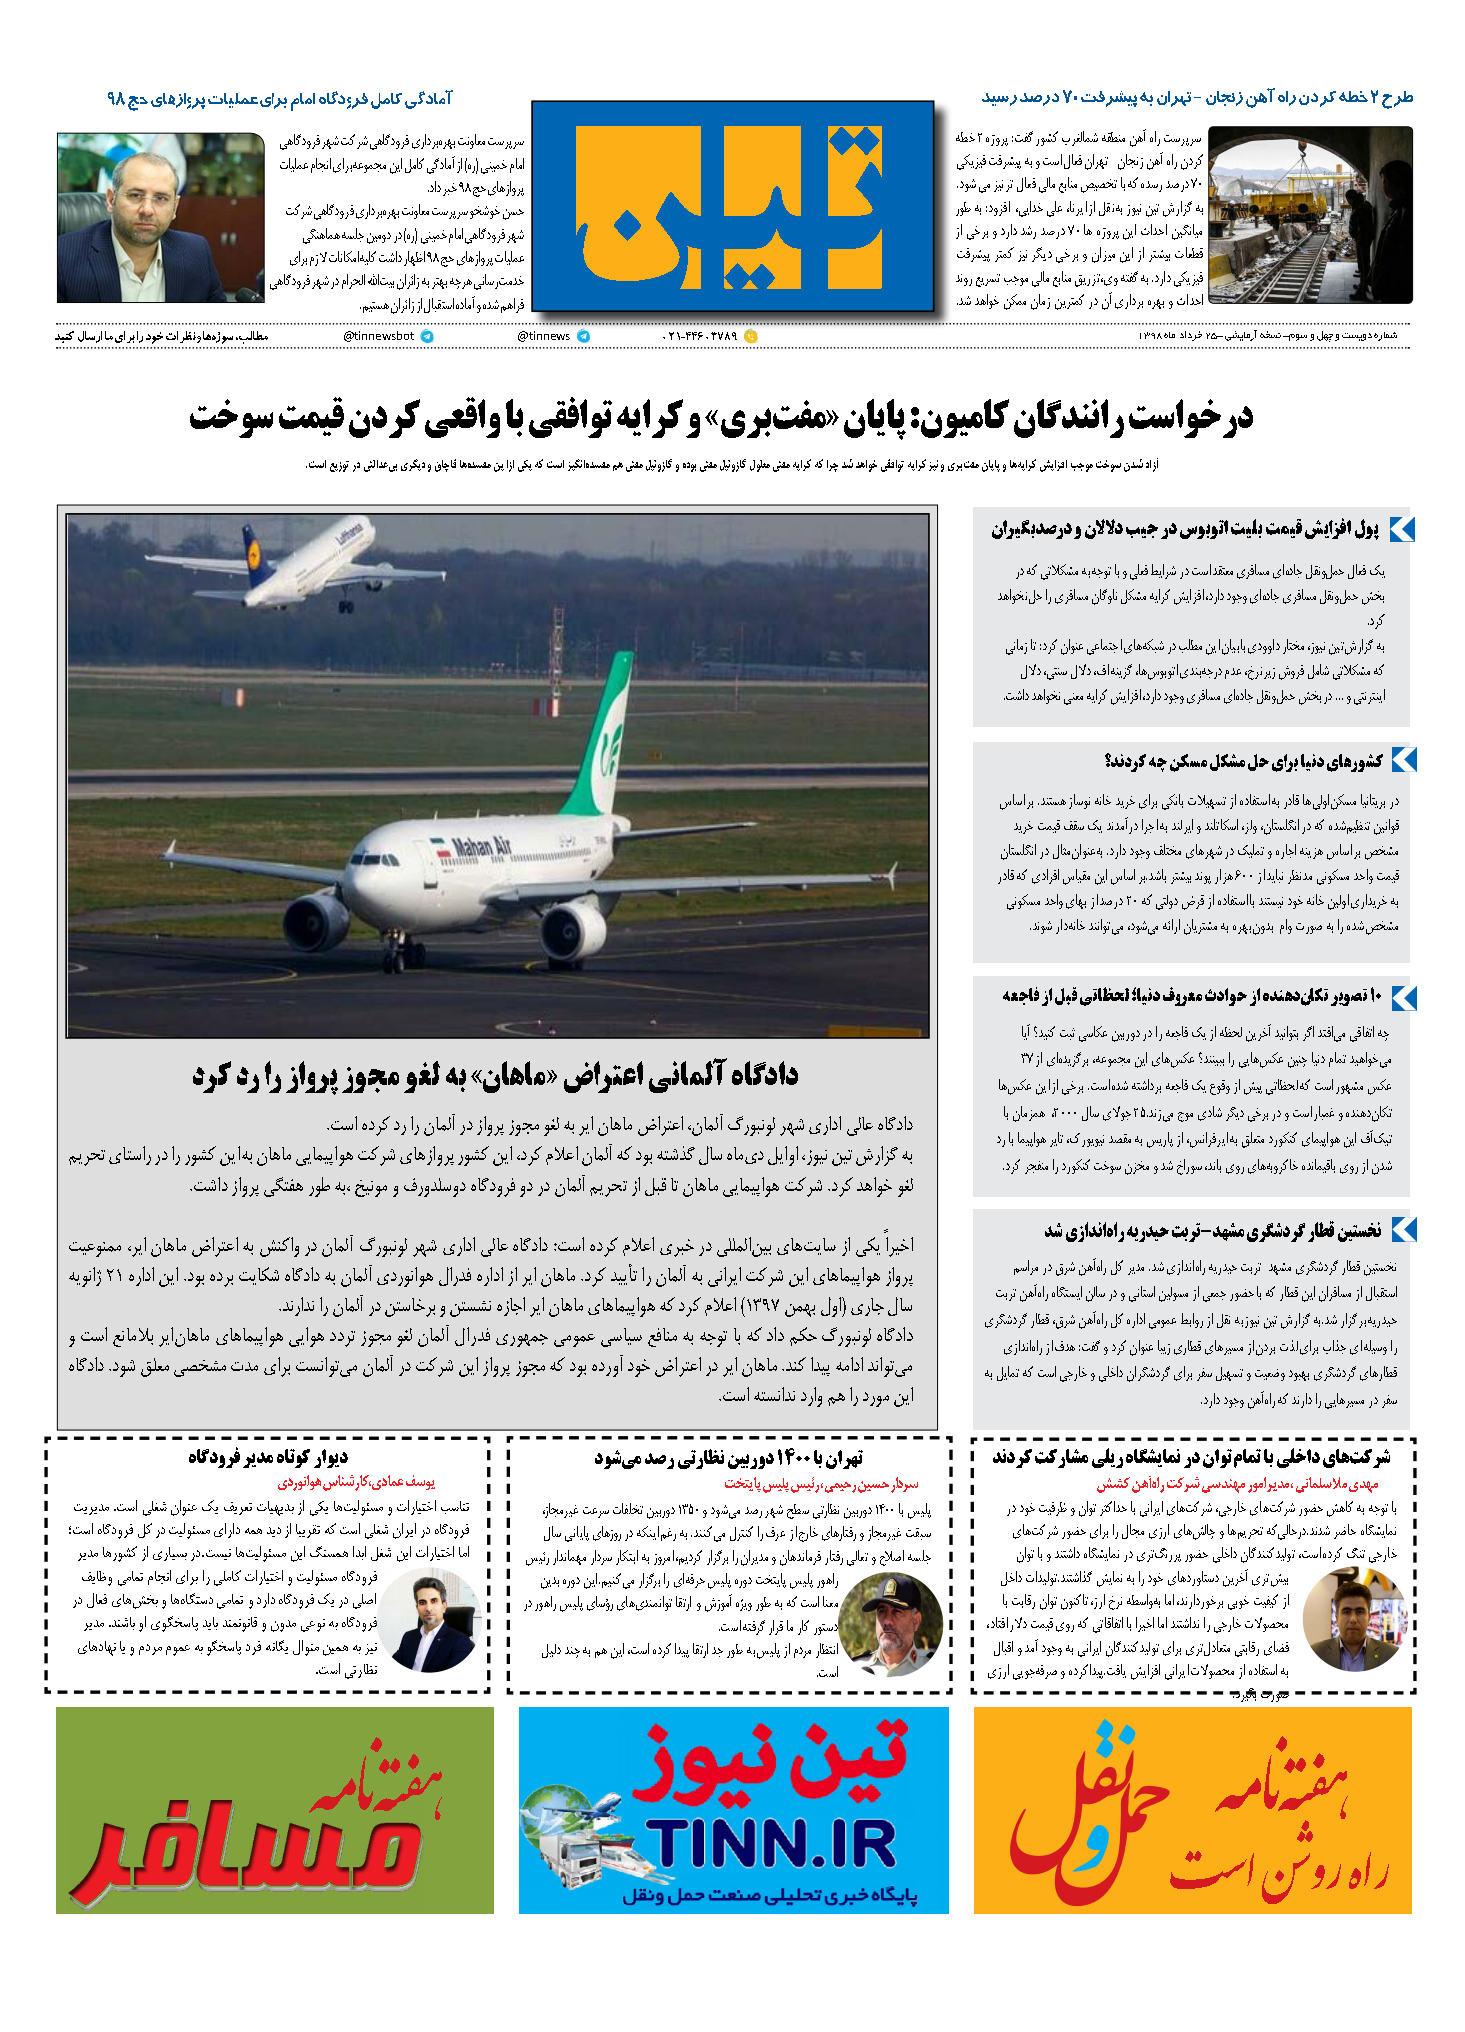 روزنامه الکترونیک 25 خرداد ماه 98